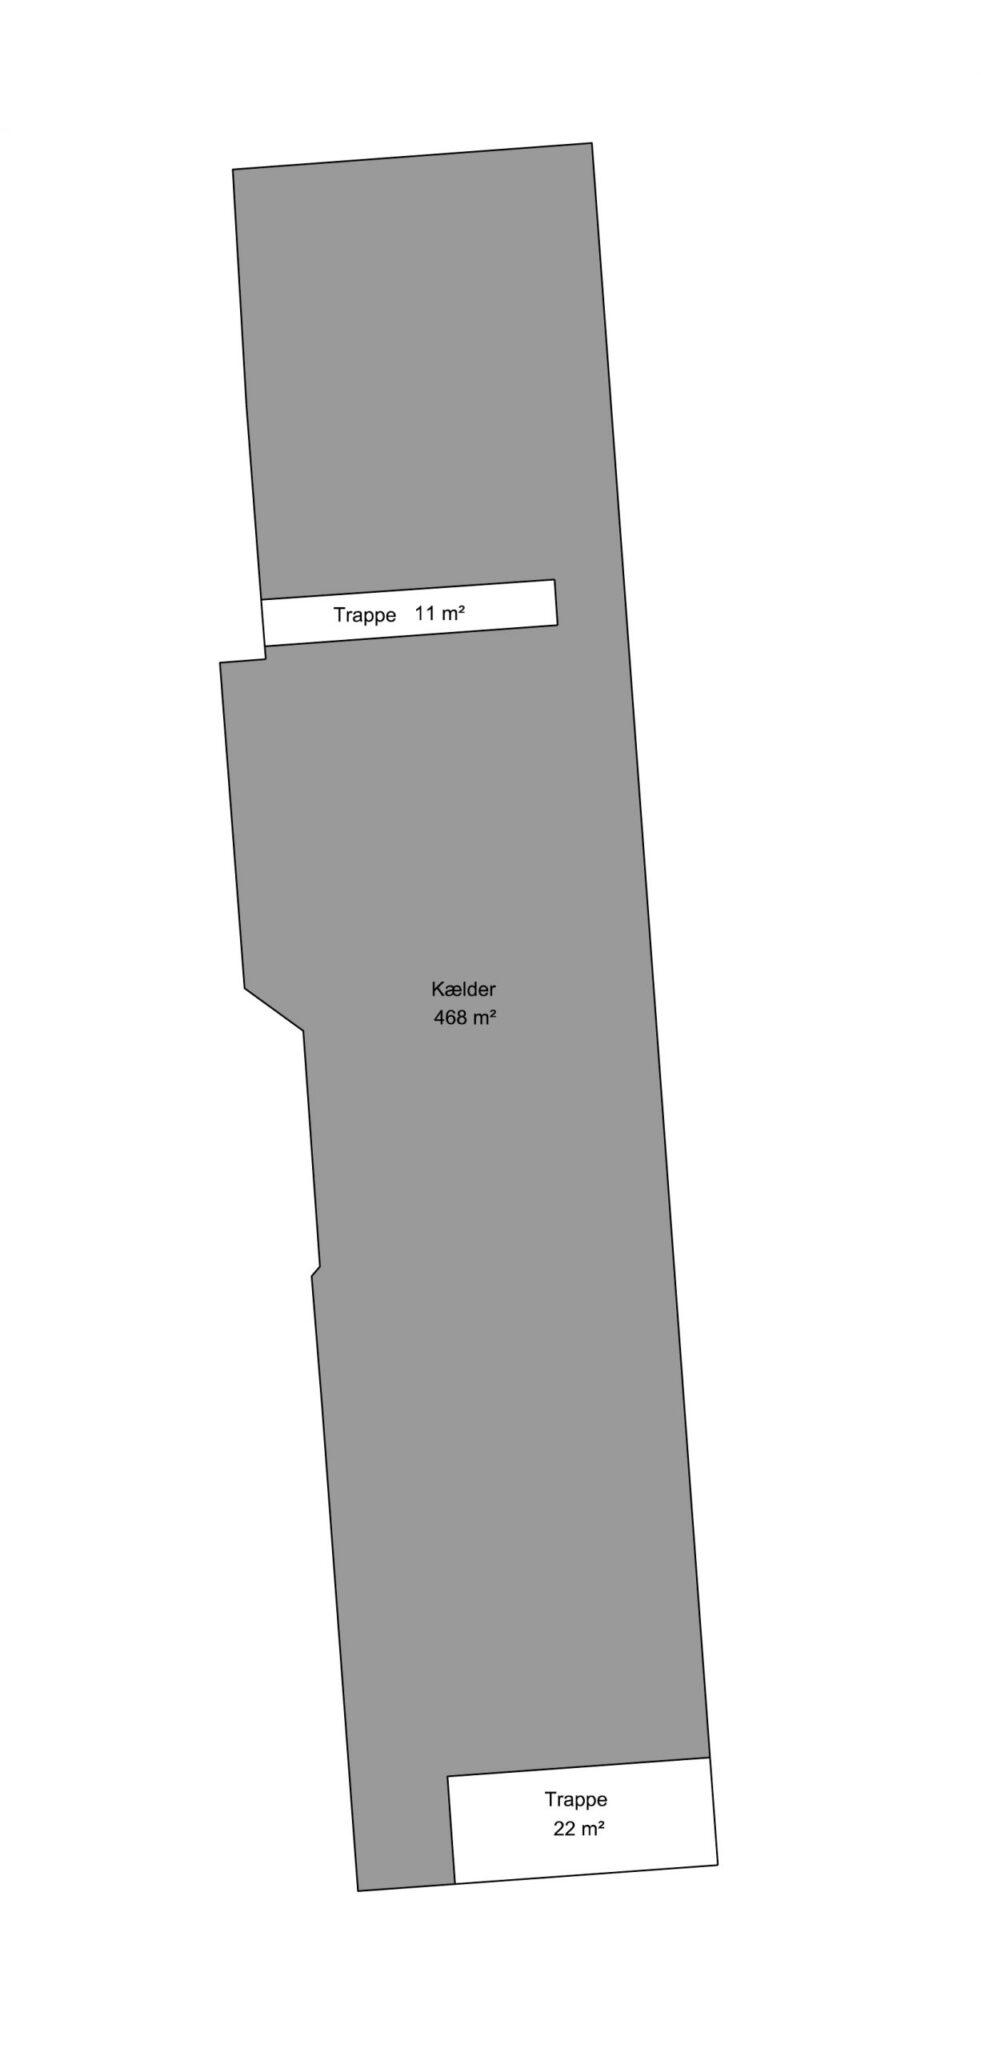 Plantegning - Kælder - Bygn. 1 - Brandstrupvej 4